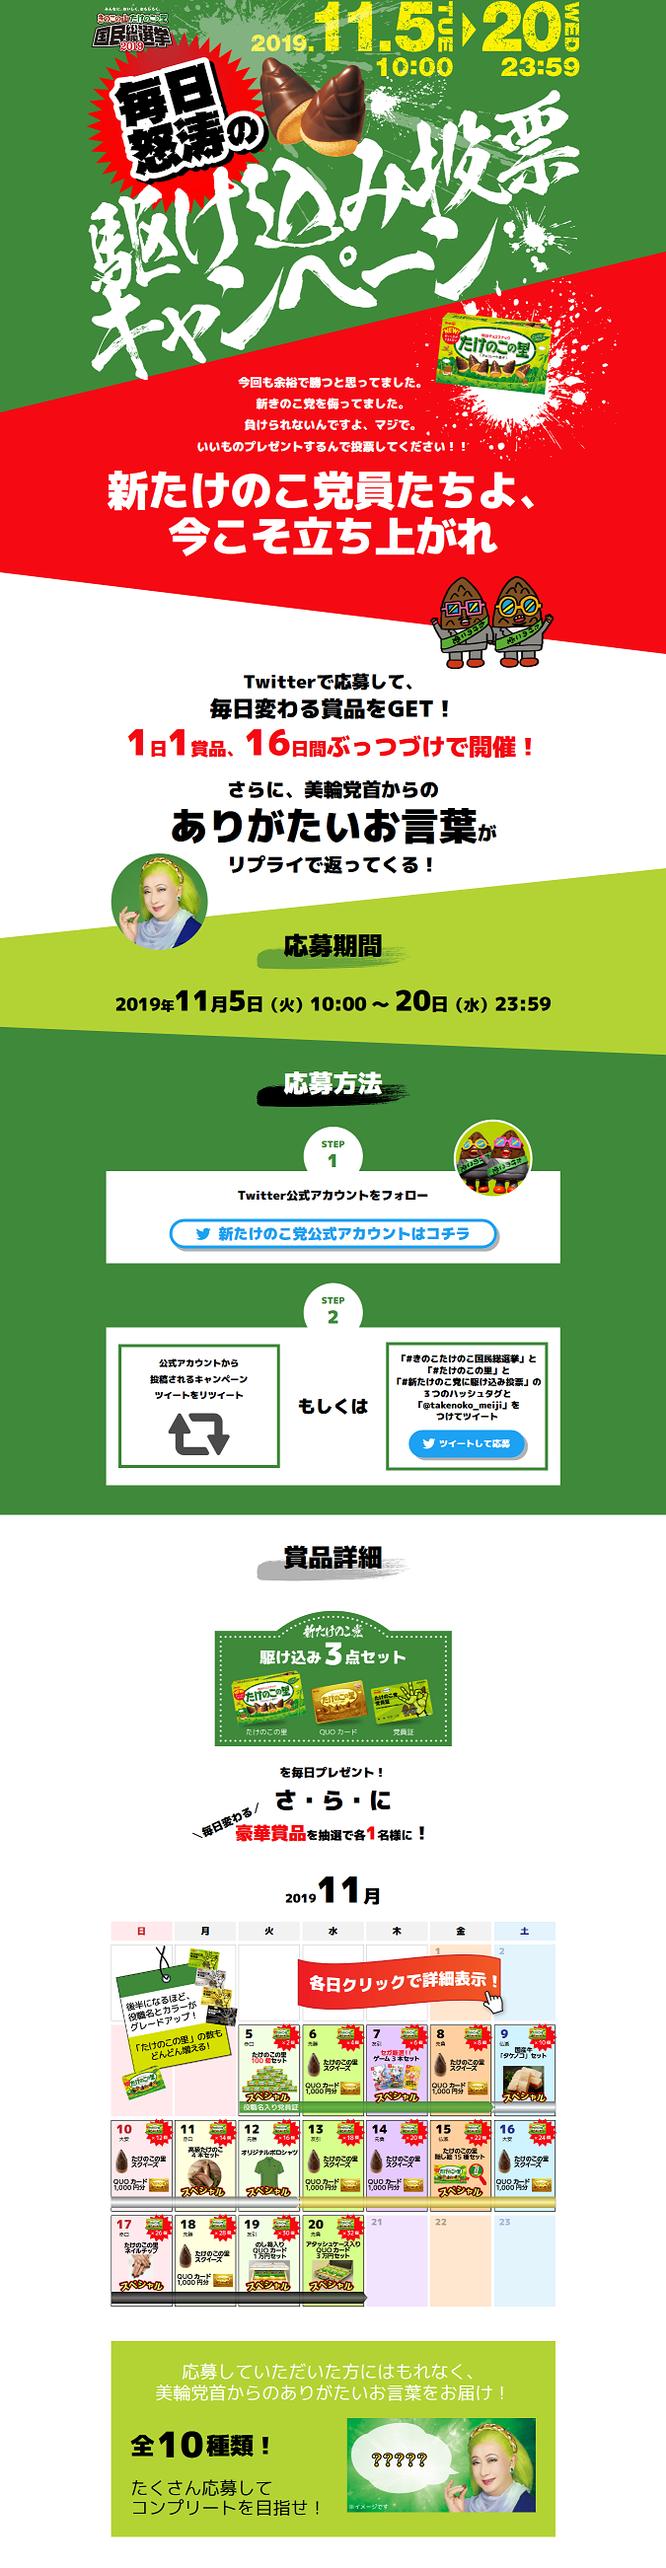 【明治】新たけのこ党 毎日怒涛の駆け込み投票キャンペーン